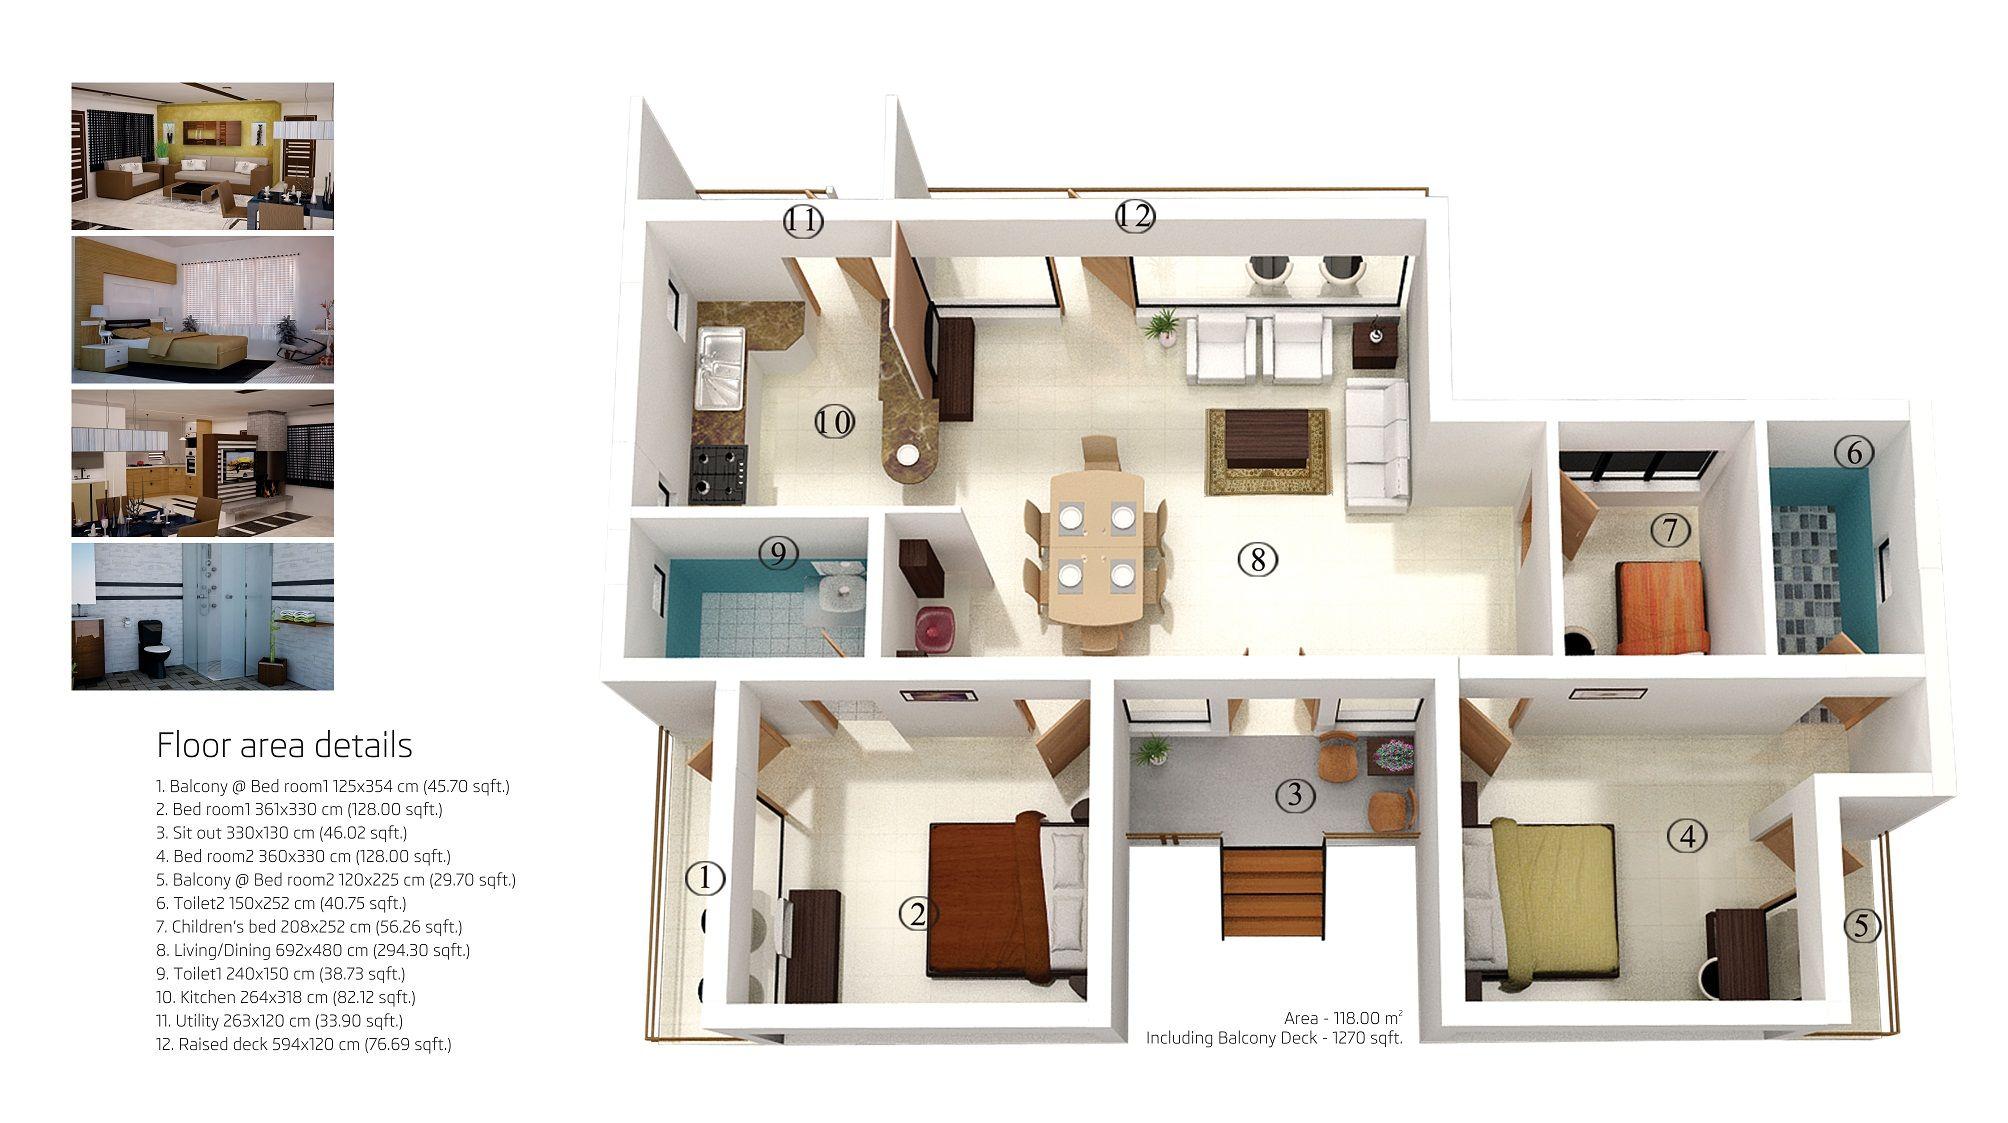 Face Holiday Village Villas In Ooty Brochure Page 10 Spring Dale Villa 2 Bhk Floor Plan